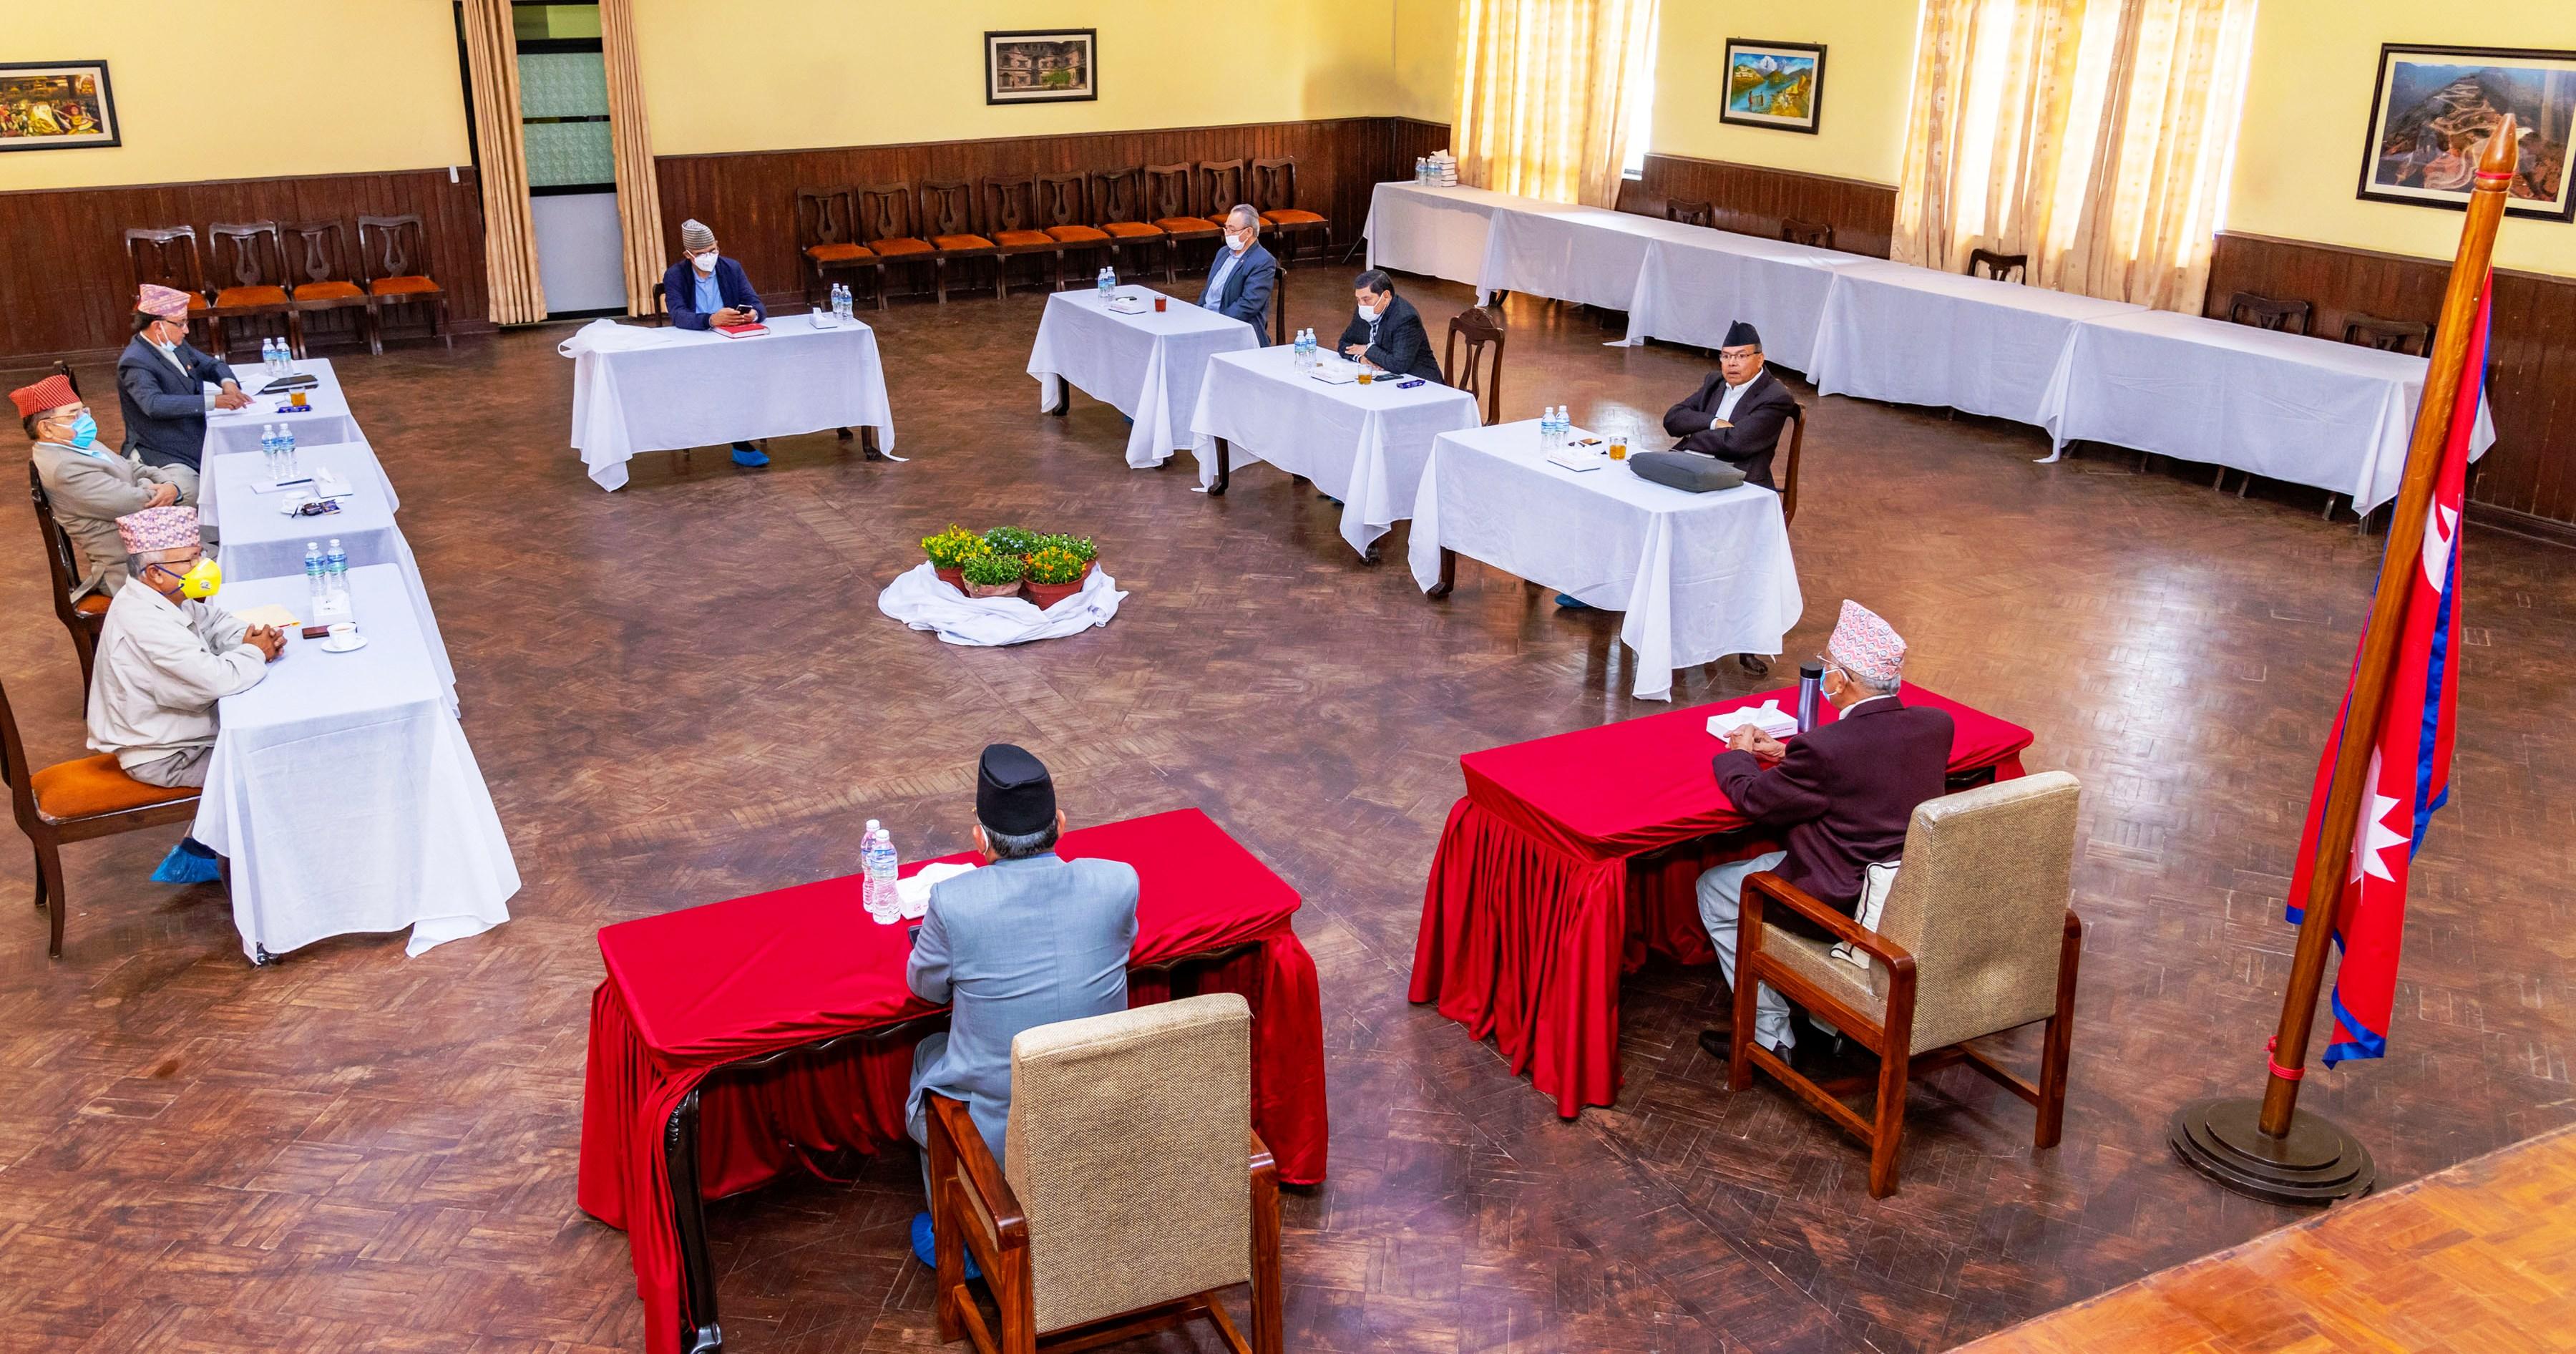 नेकपा सचिवालय बैठक : नीति तथा कार्यक्रममा केन्द्रित